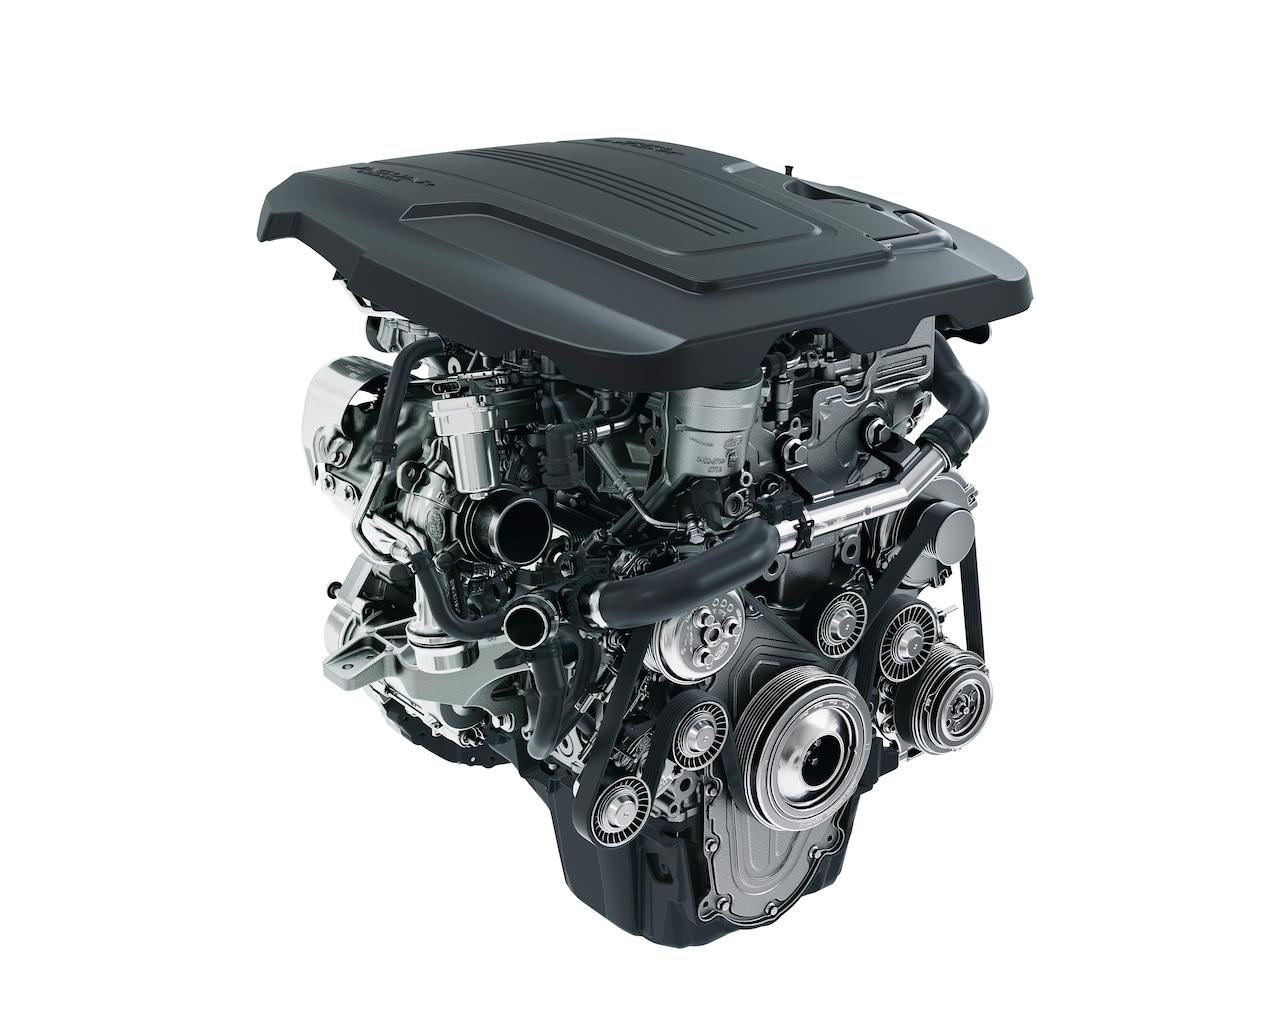 Jaguar 2.0-litre Ingenium petrol engine